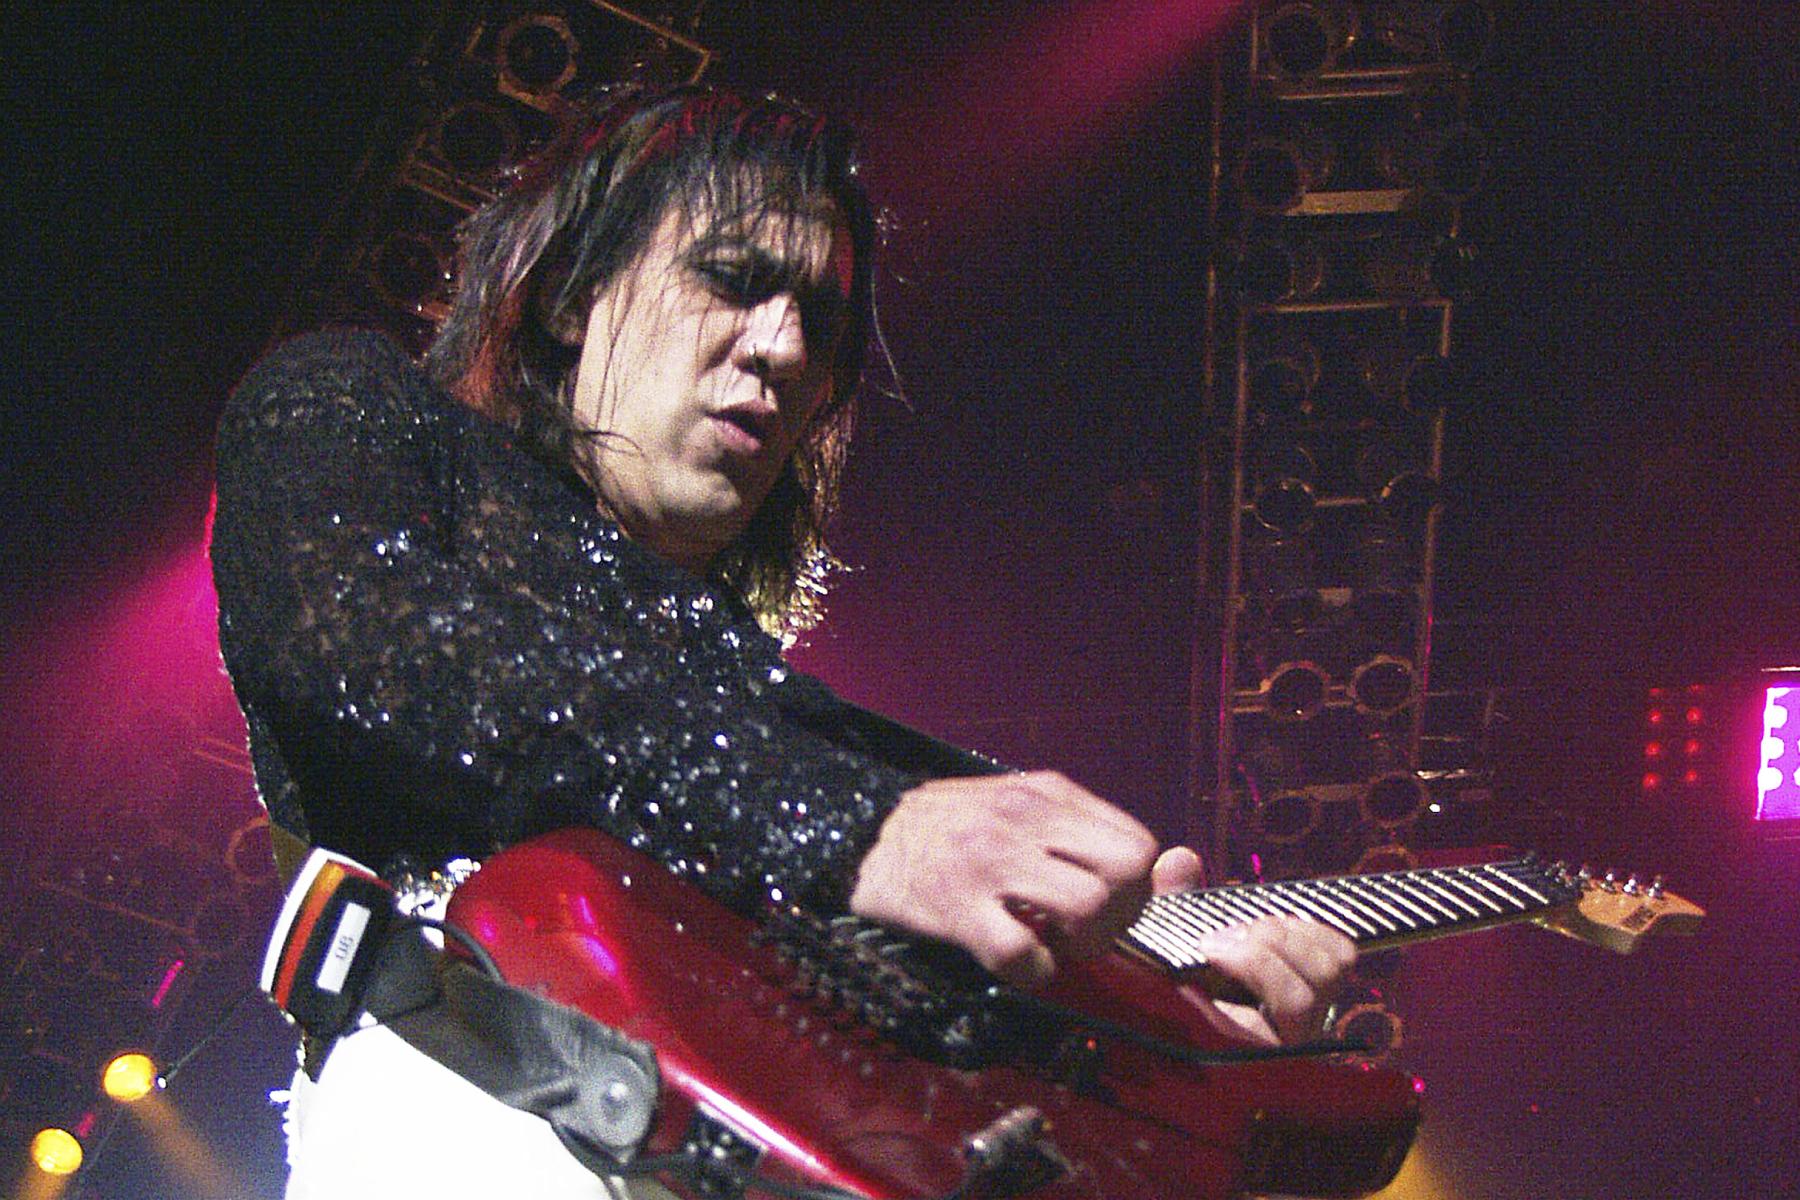 Nghệ sĩ guitar Jeff Labar của Cinderella đã qua đời ở tuổi 58